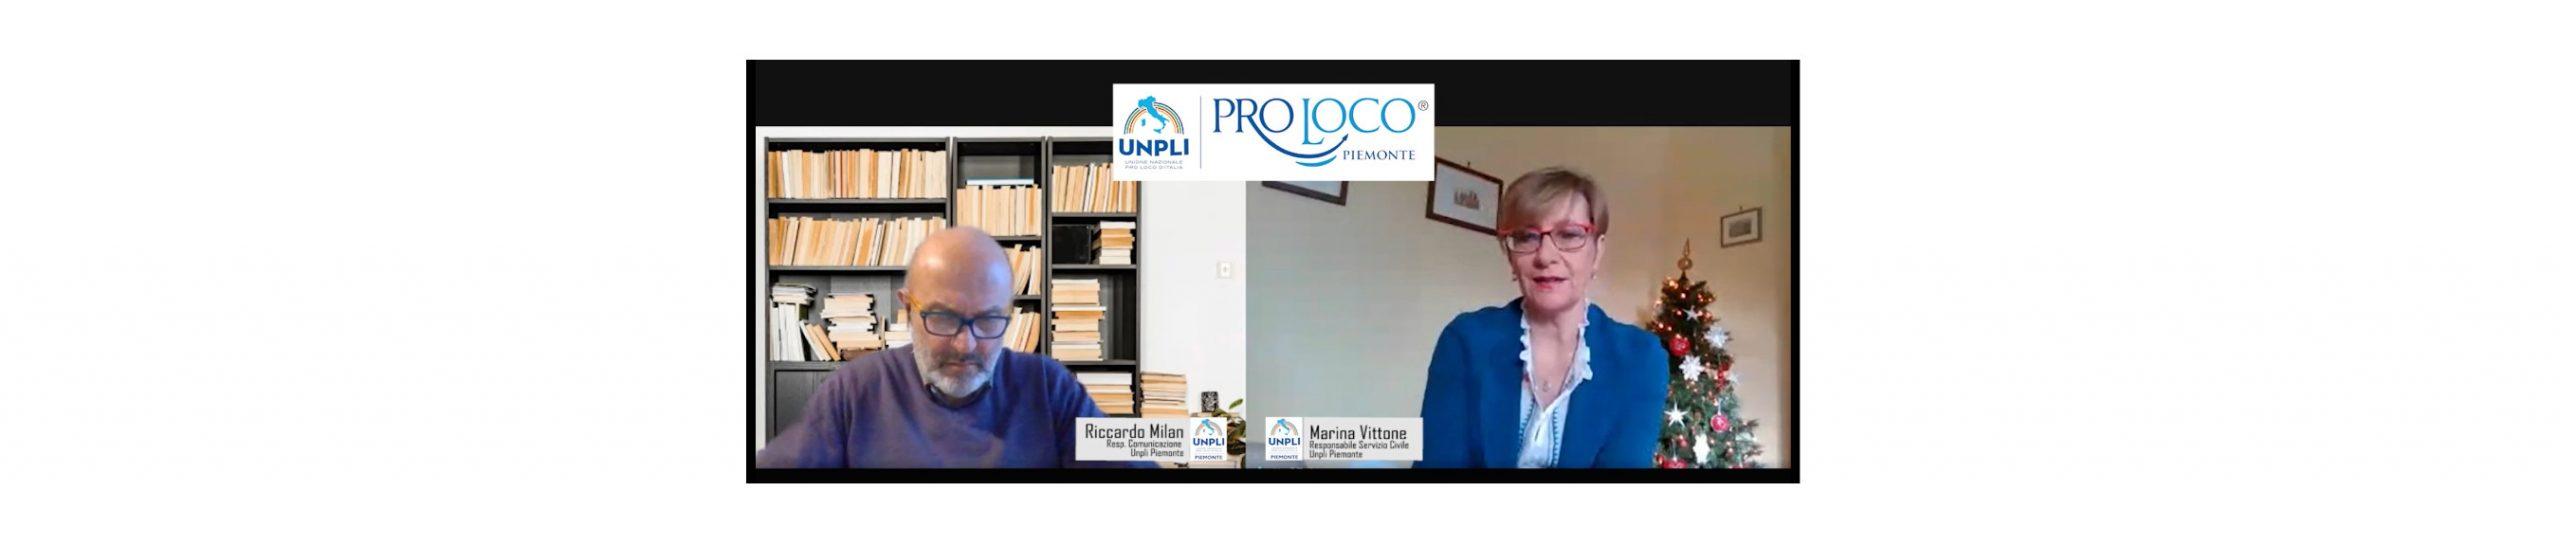 Dai 18 ai 28 anni: Servizio Civile anche nelle Pro Loco Piemontesi. Obiettivo mappare il patrimonio enogastronomico tradizionale. Milan intervista la responsabile Marina Vittone.